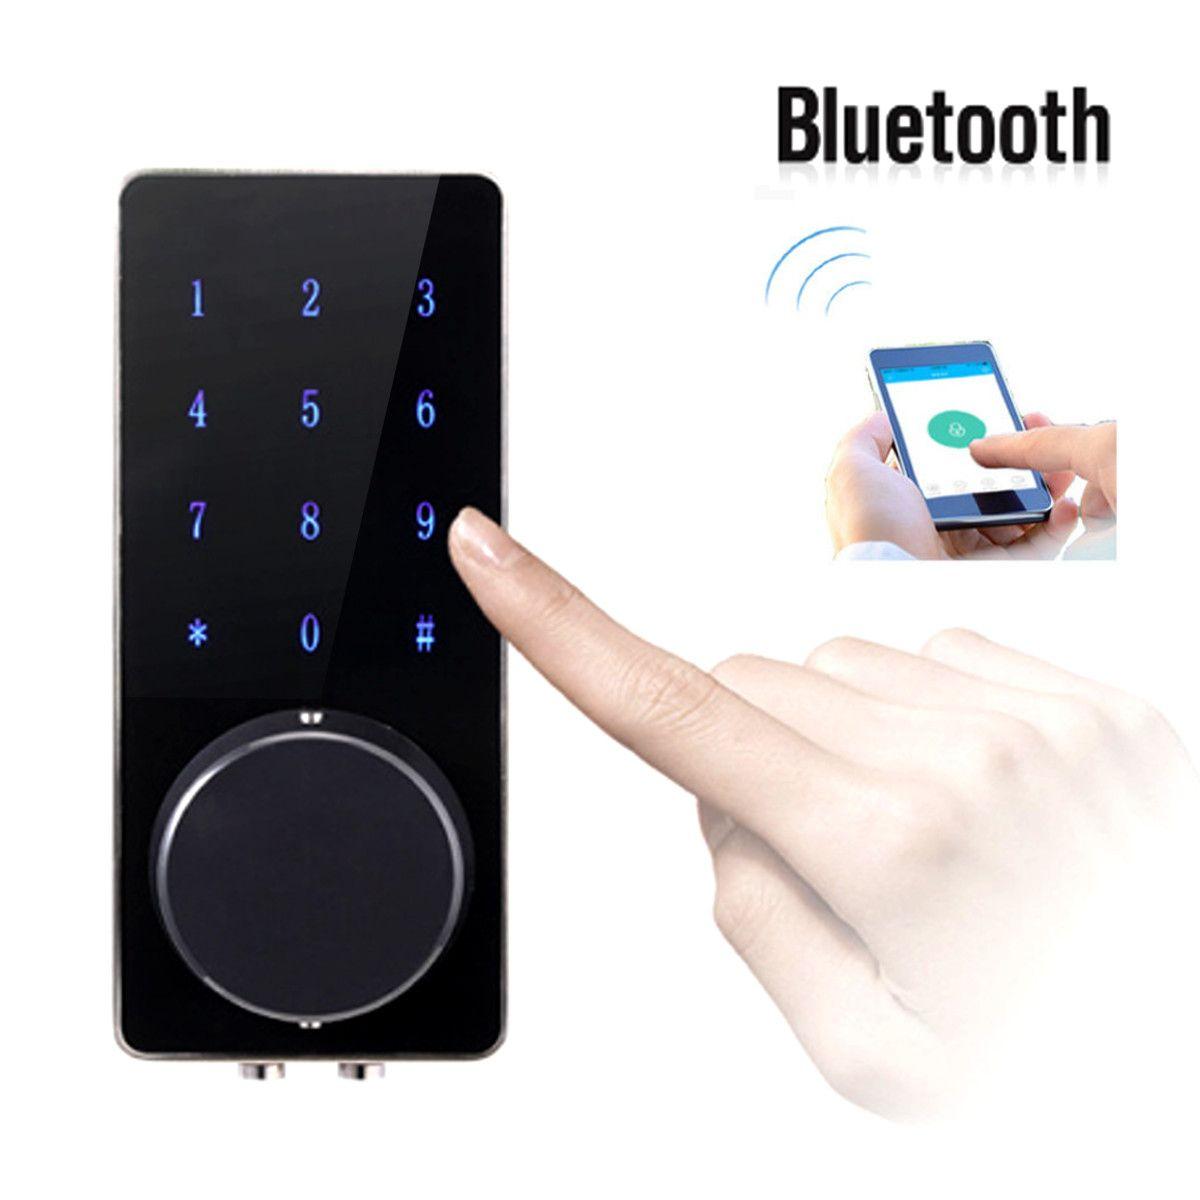 Bluetooth electrónica Smartcode Digital Cerradura de La Puerta Contraseña Sin Llave Táctil Deadbolt Para Hotel y Apartamento